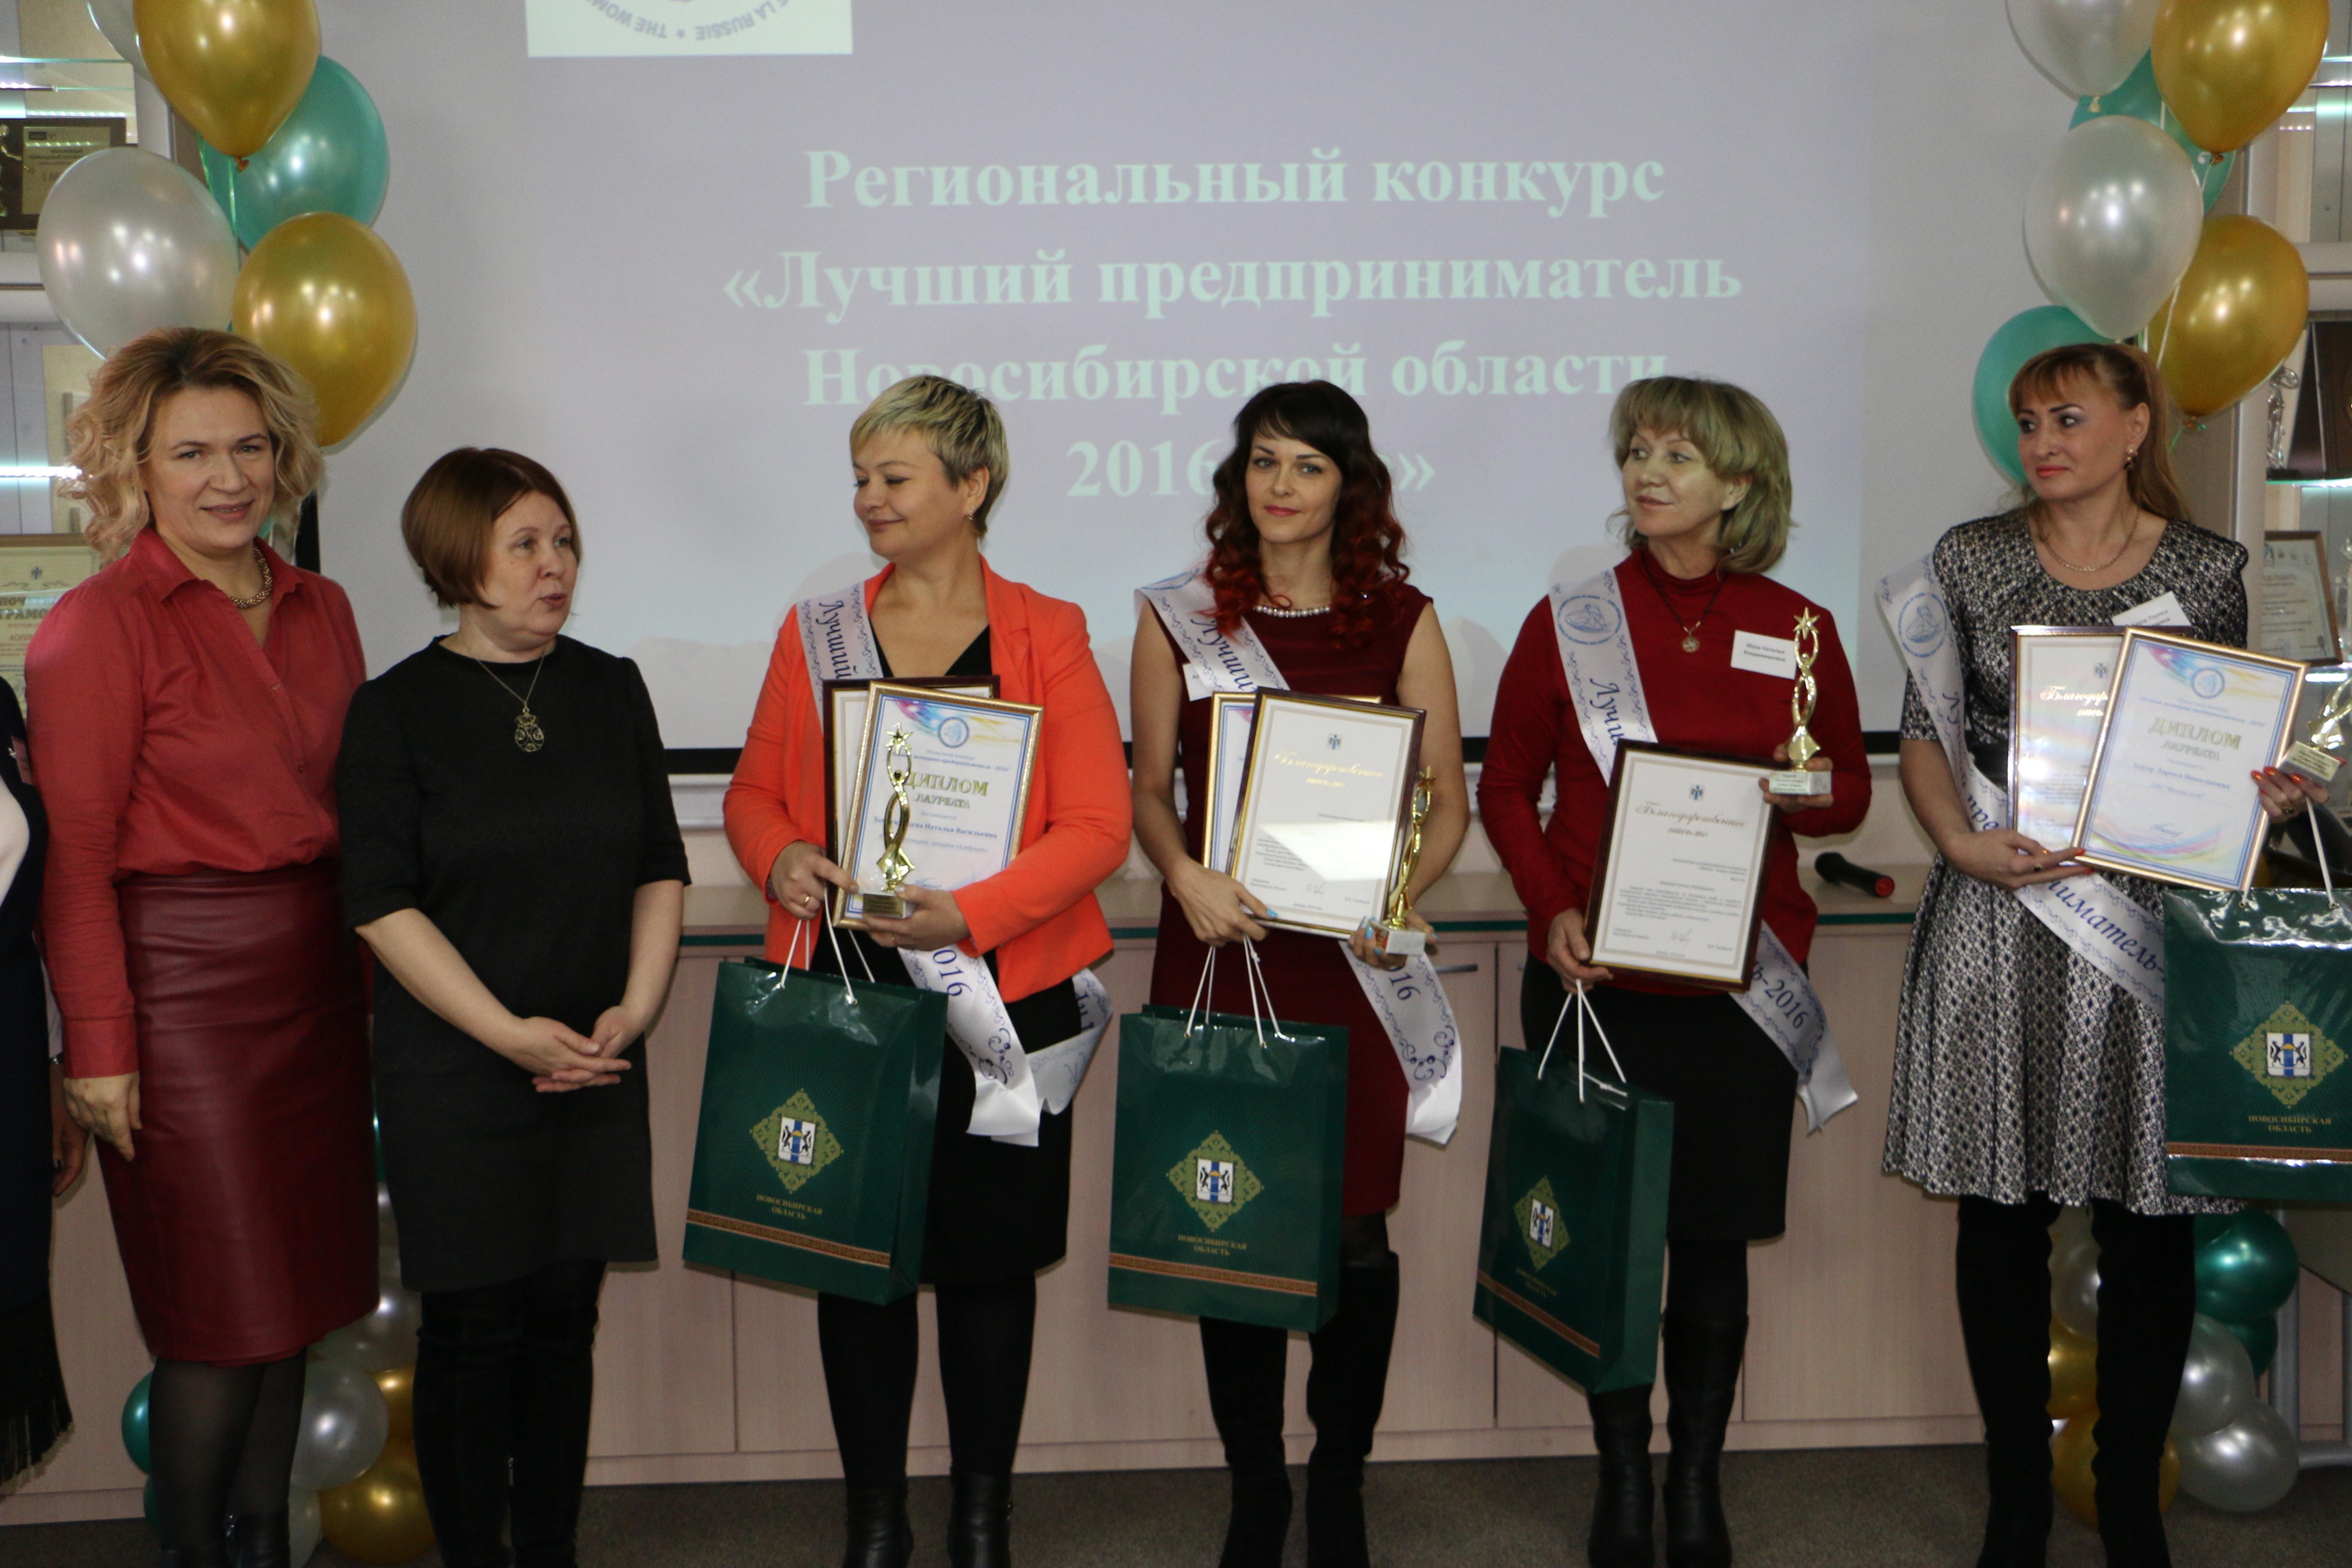 Конкурс для женщин предпринимателей